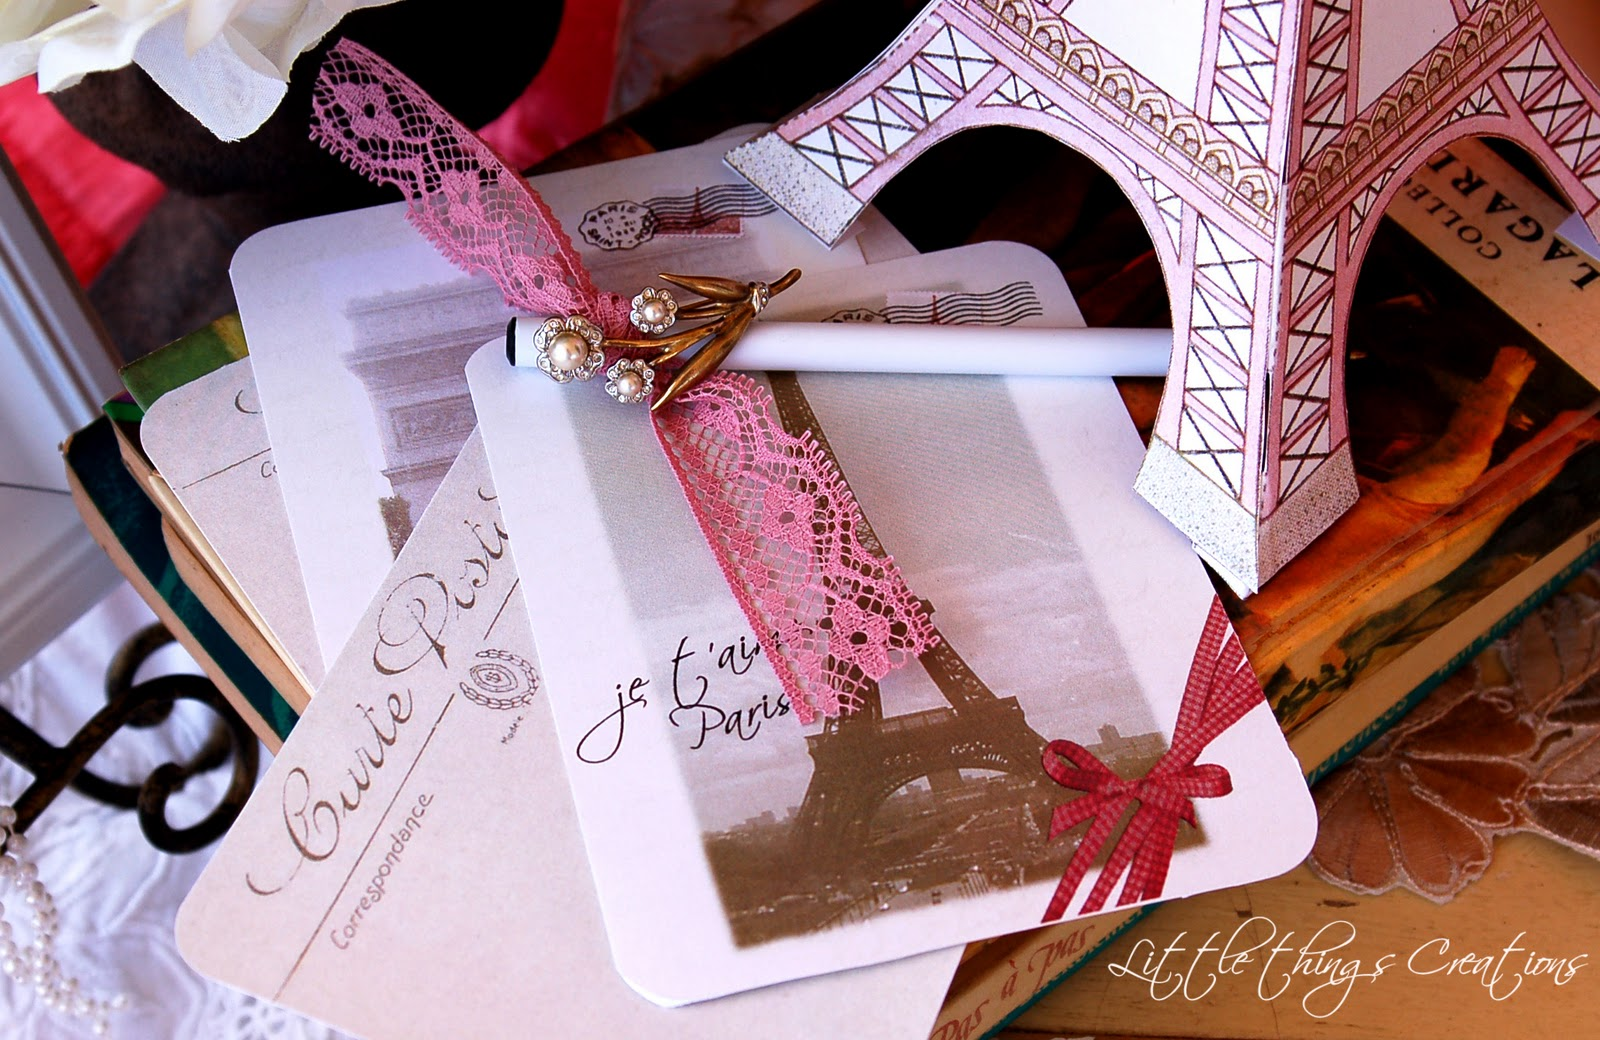 Decoracion Quincea?eras Paris ~ Decoraciones Para Quinceaneras De Paris  newhairstylesformen2014 com